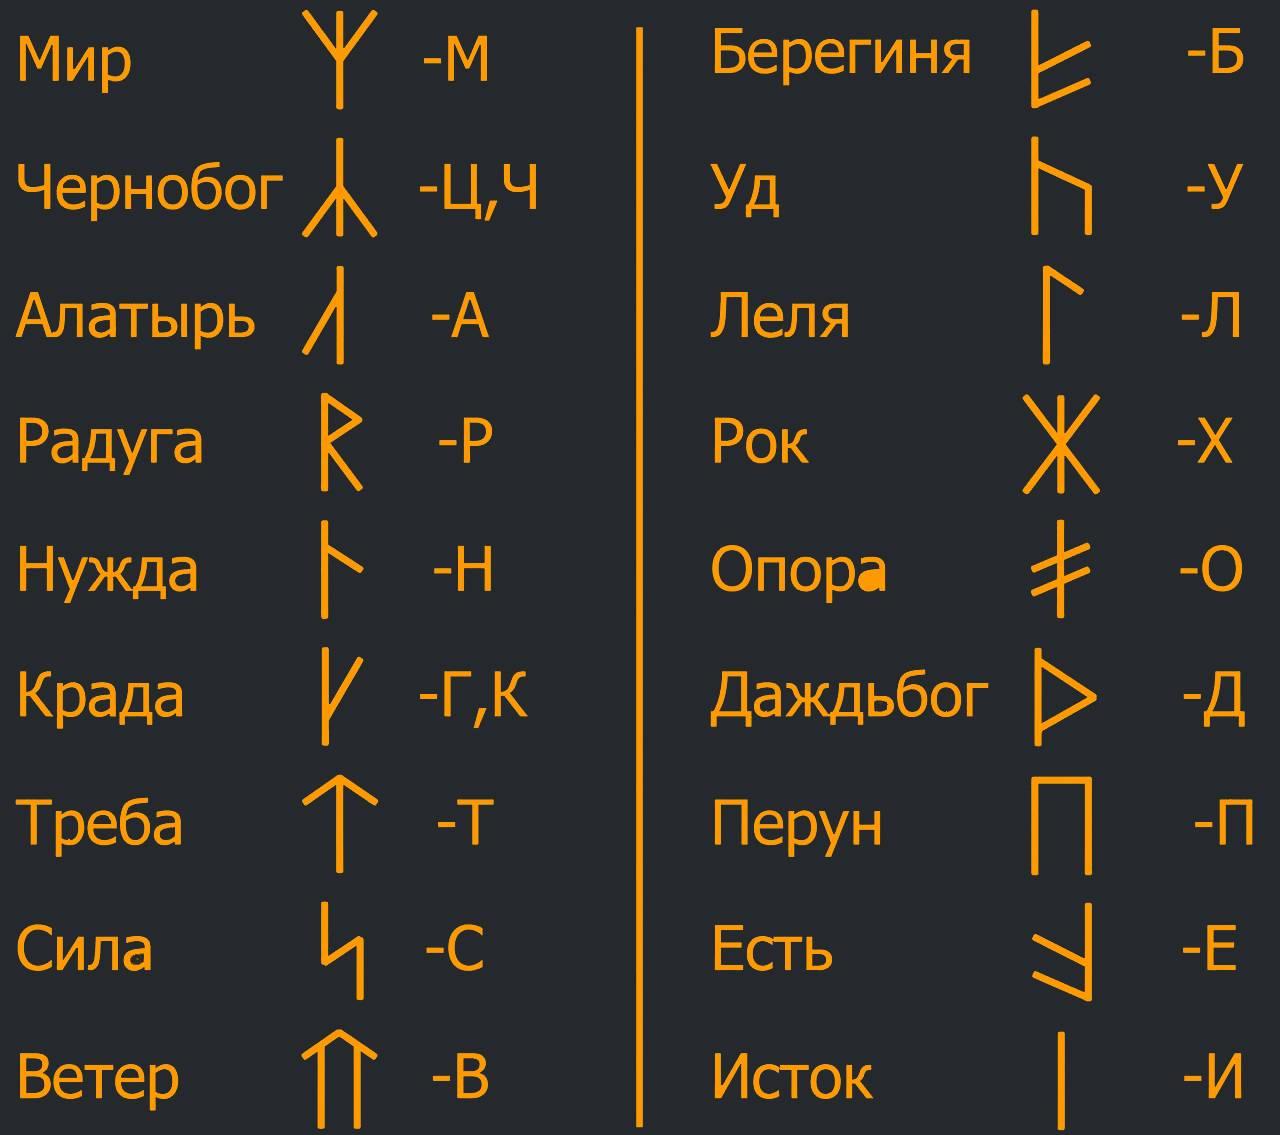 Славянские руны: значение, описание и их толкование